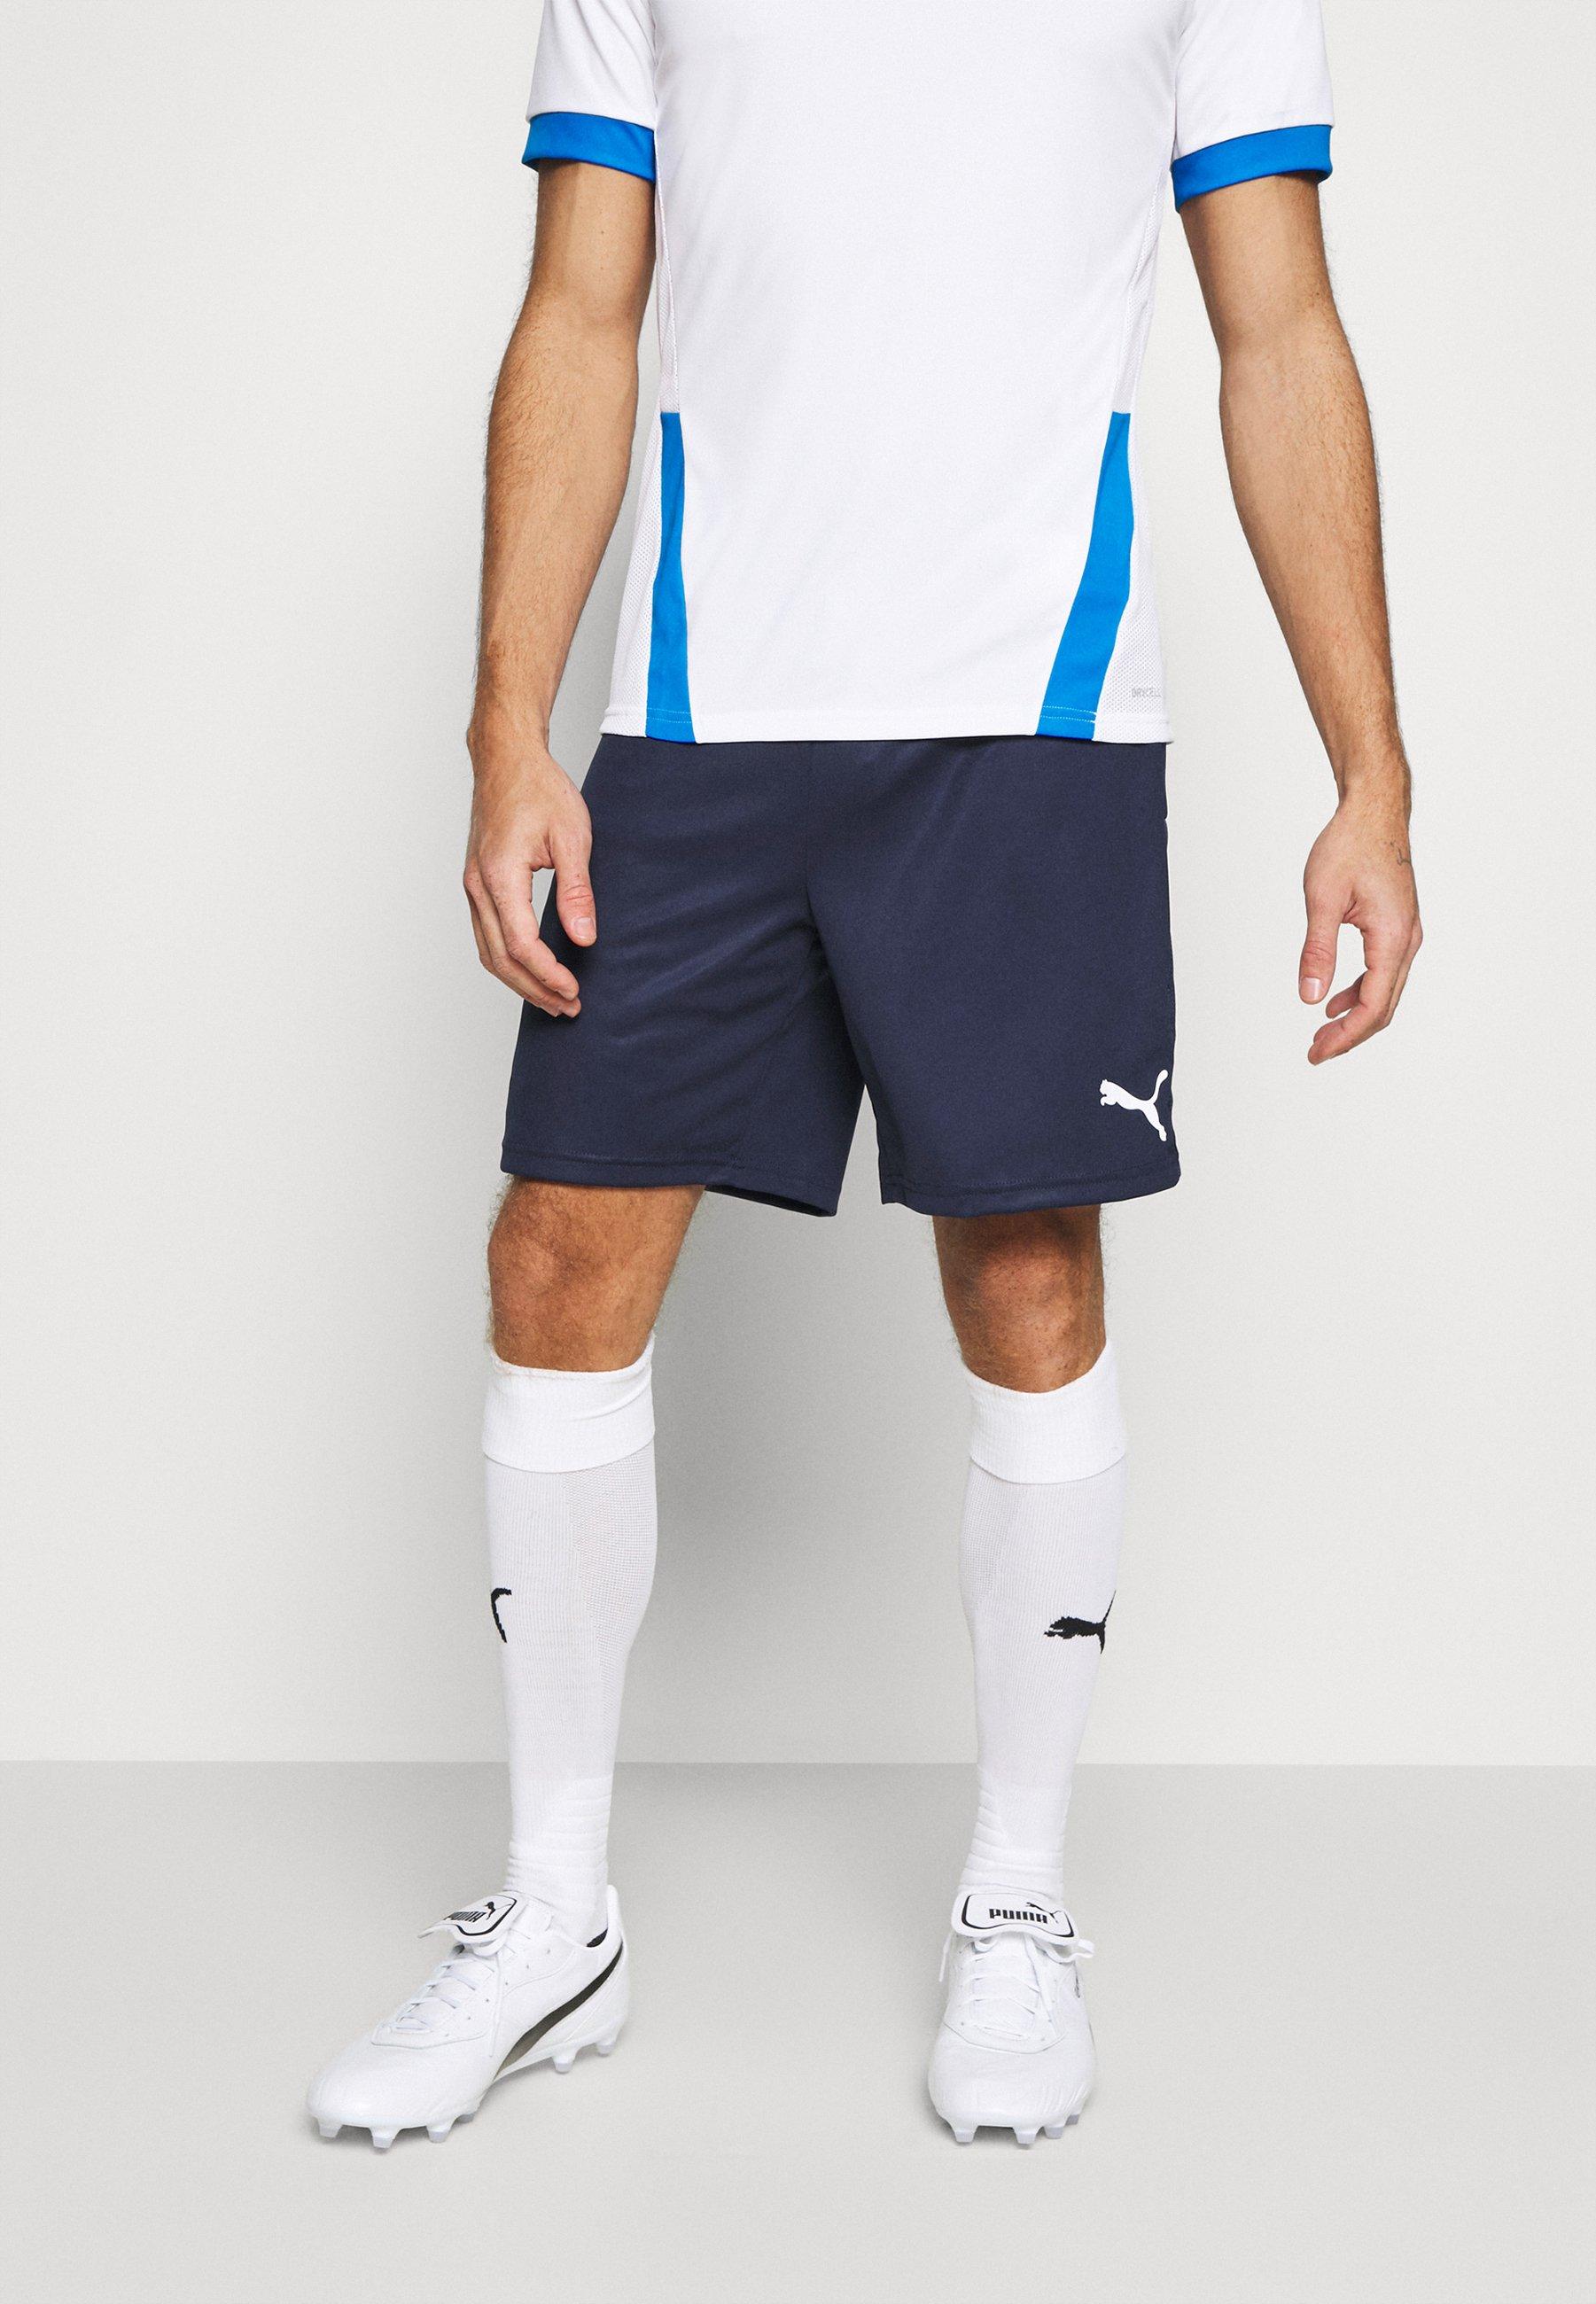 Herren TEAM GOAL SHORTS - kurze Sporthose